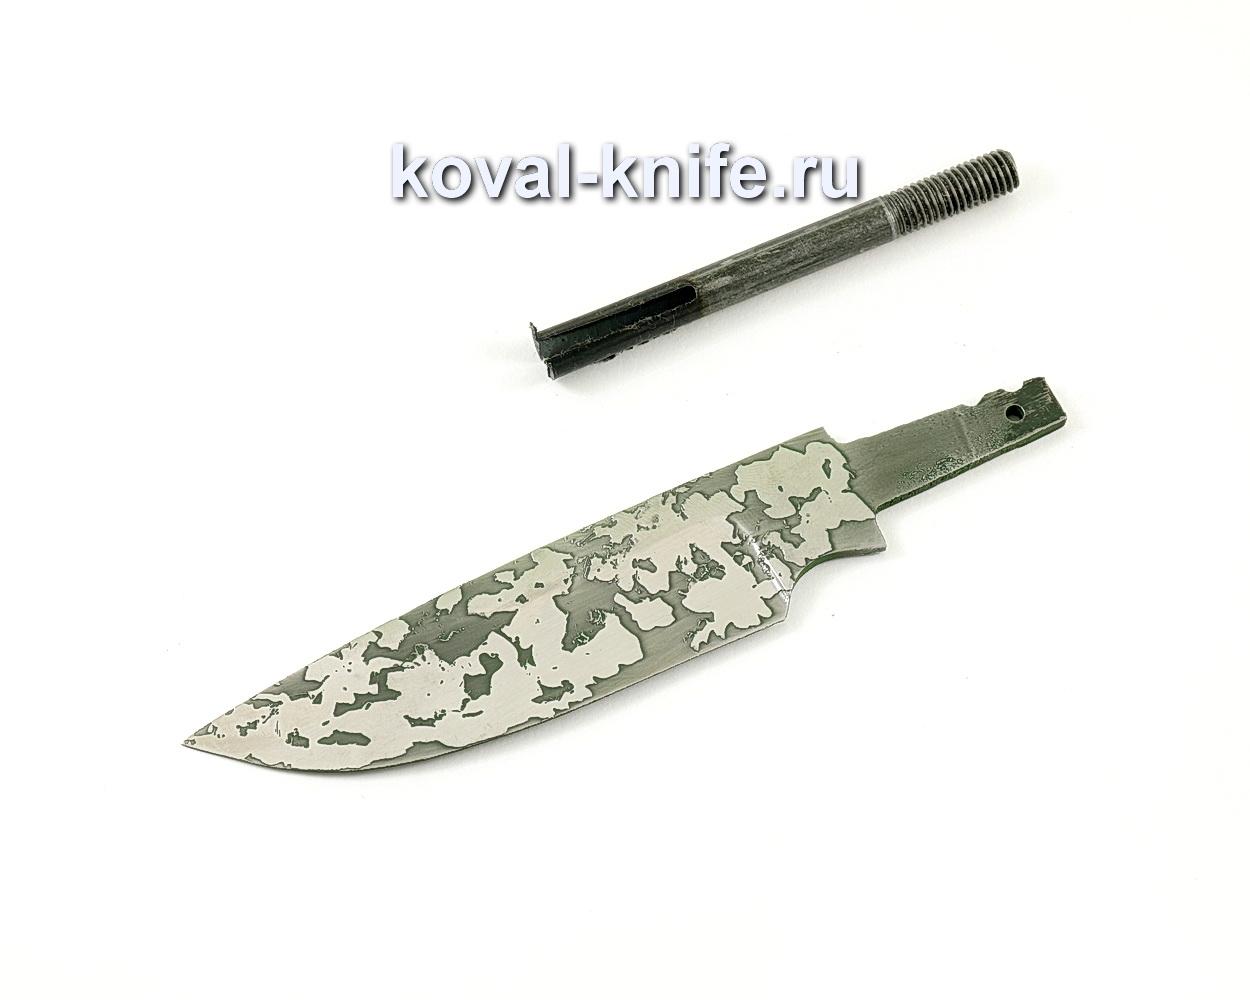 Клинок для ножа Бигзод-мини (кованая сталь 95Х18, травление)